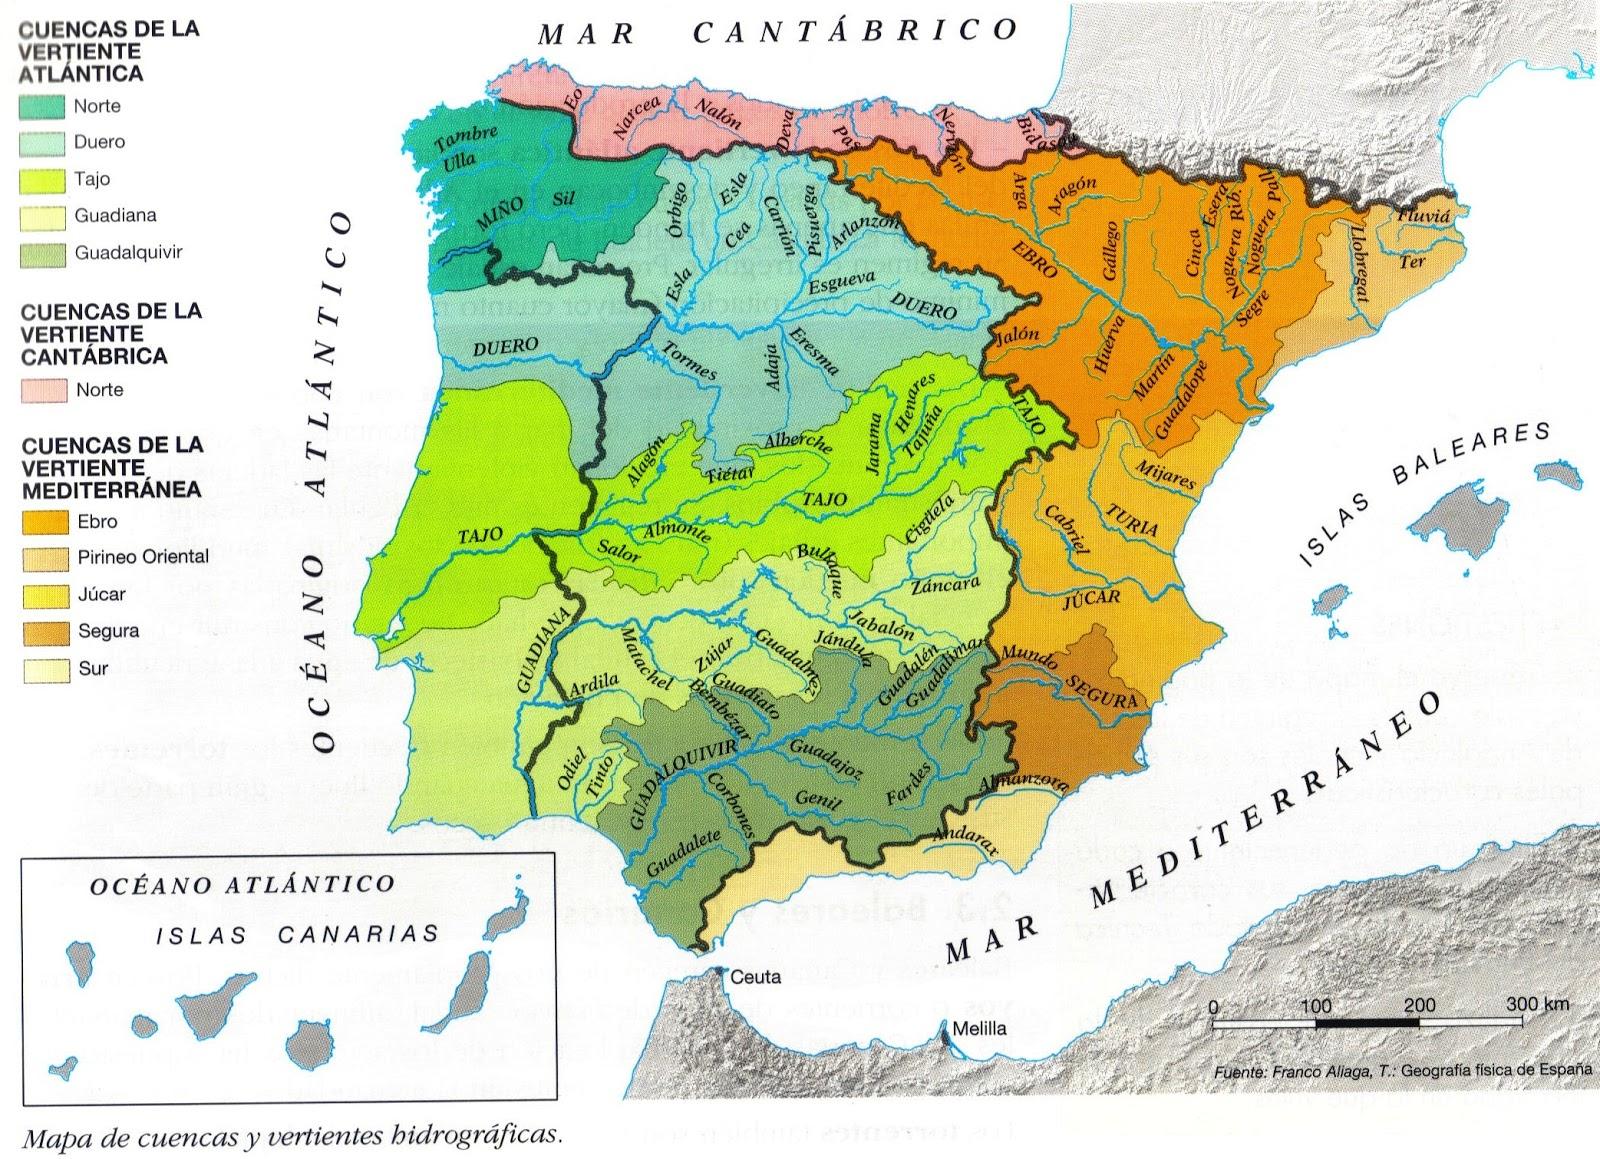 Mapa Fisico Peninsula Iberica Rios.Me Gustan Las Sociales Espana Mapa Fisico Ii Rios Y Costas